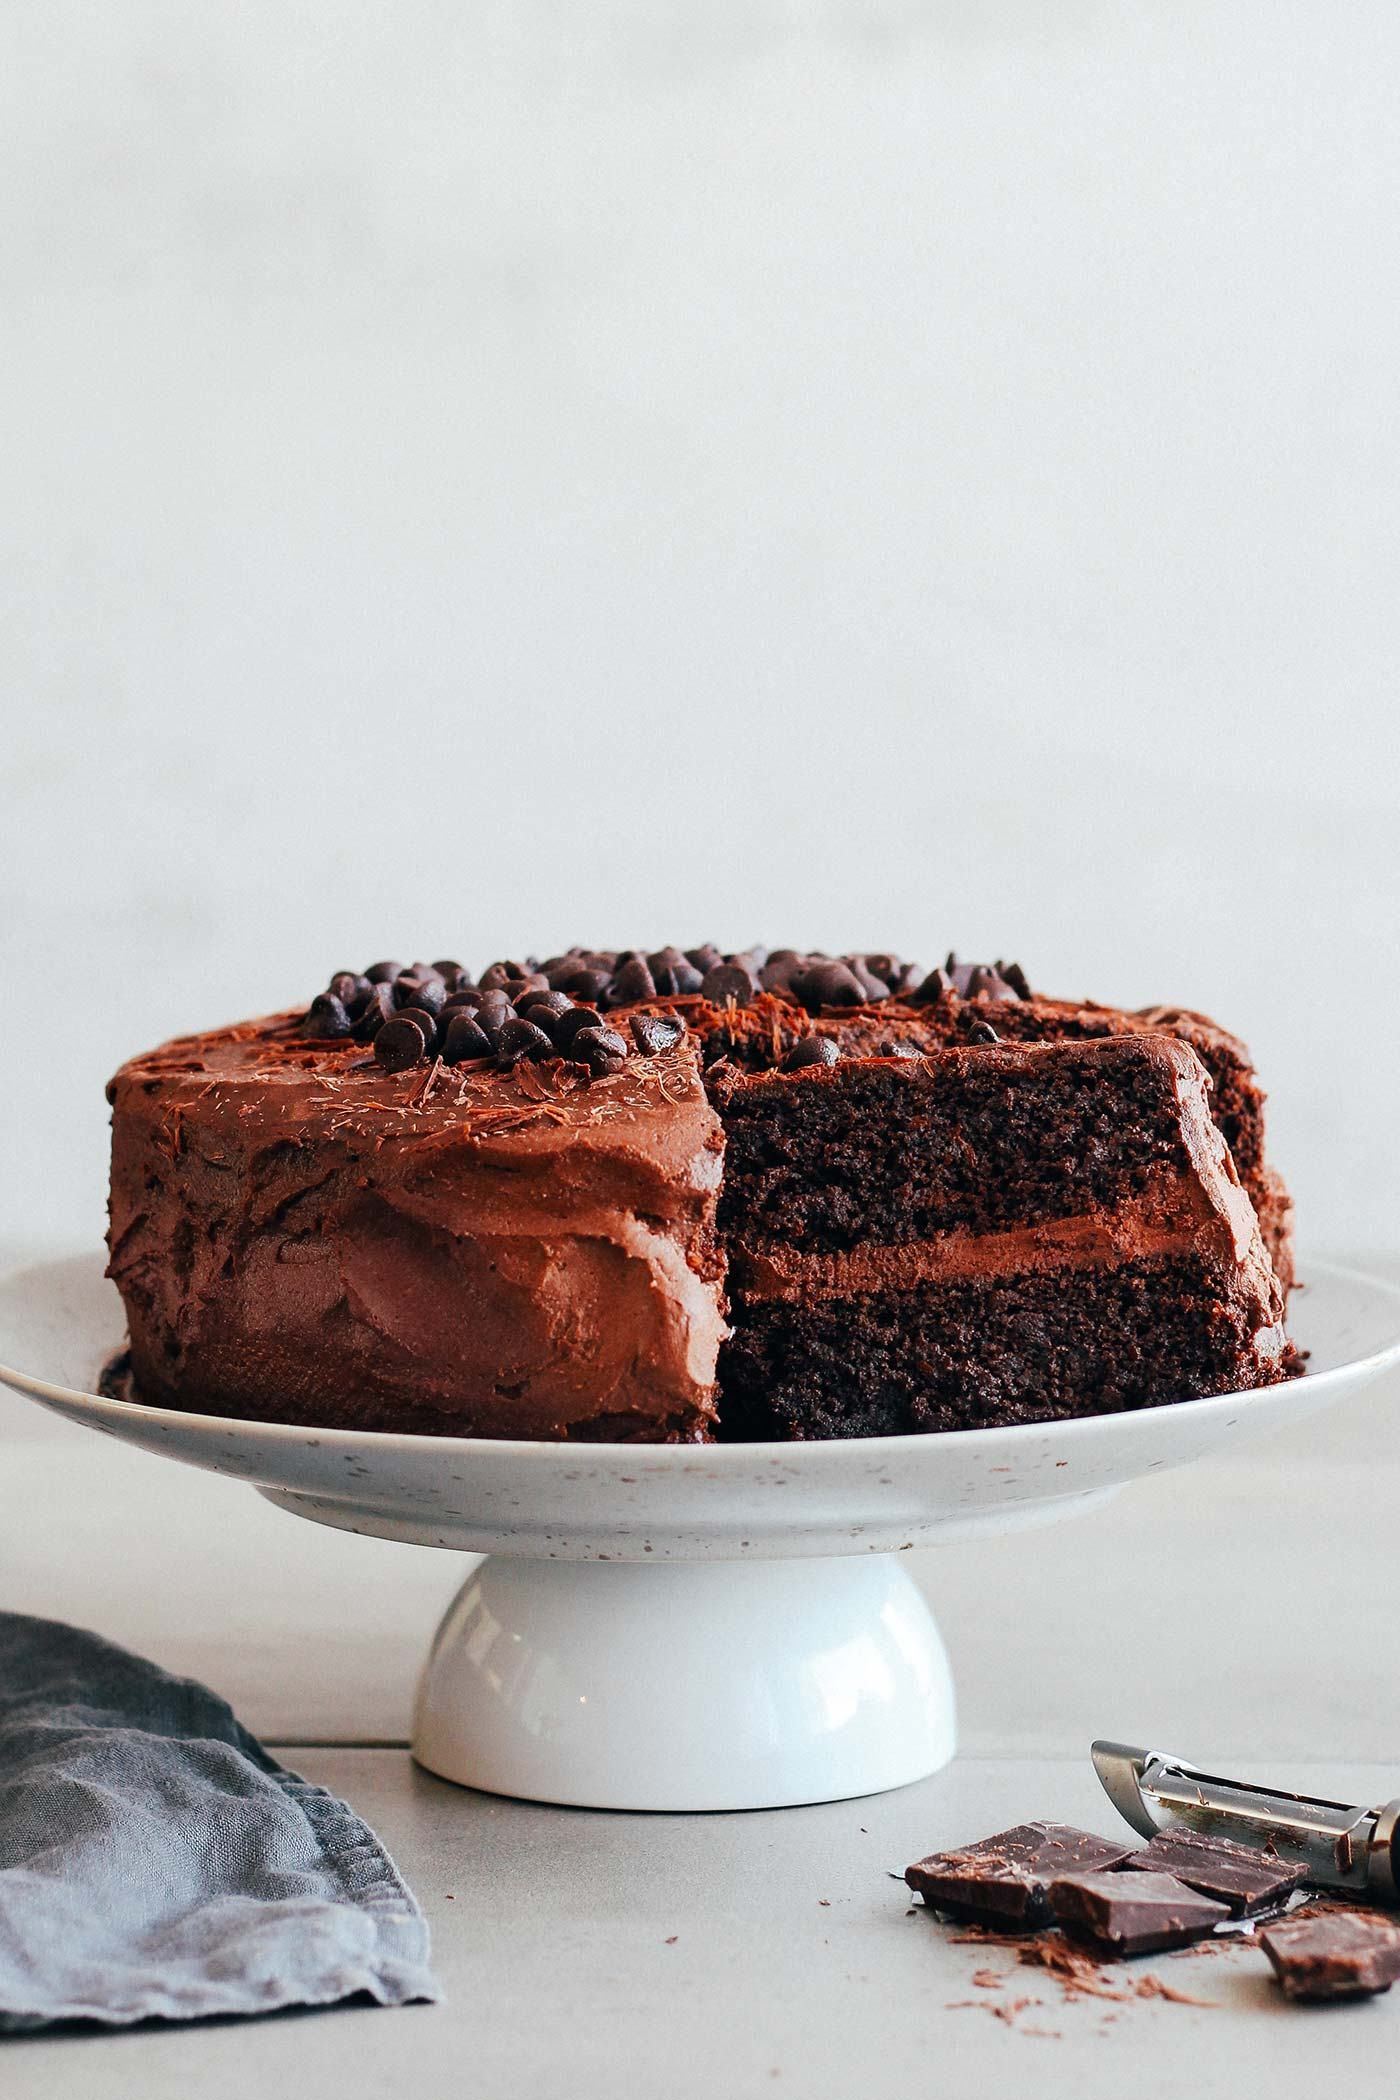 Fudgy chocolate layer cake vegan gf recipe fudgy